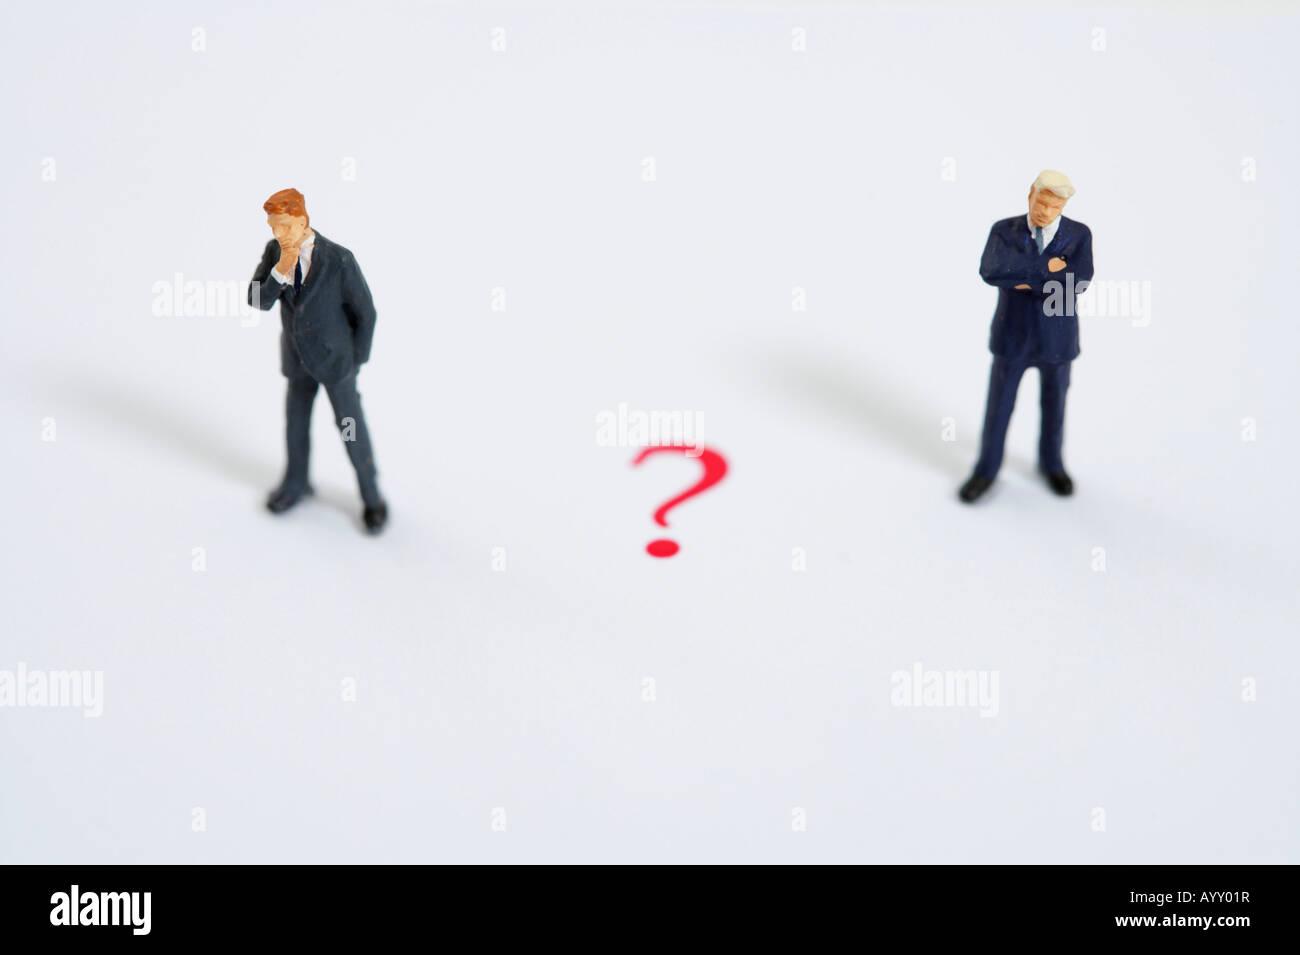 Question mark between businessmen figurines - Stock Image